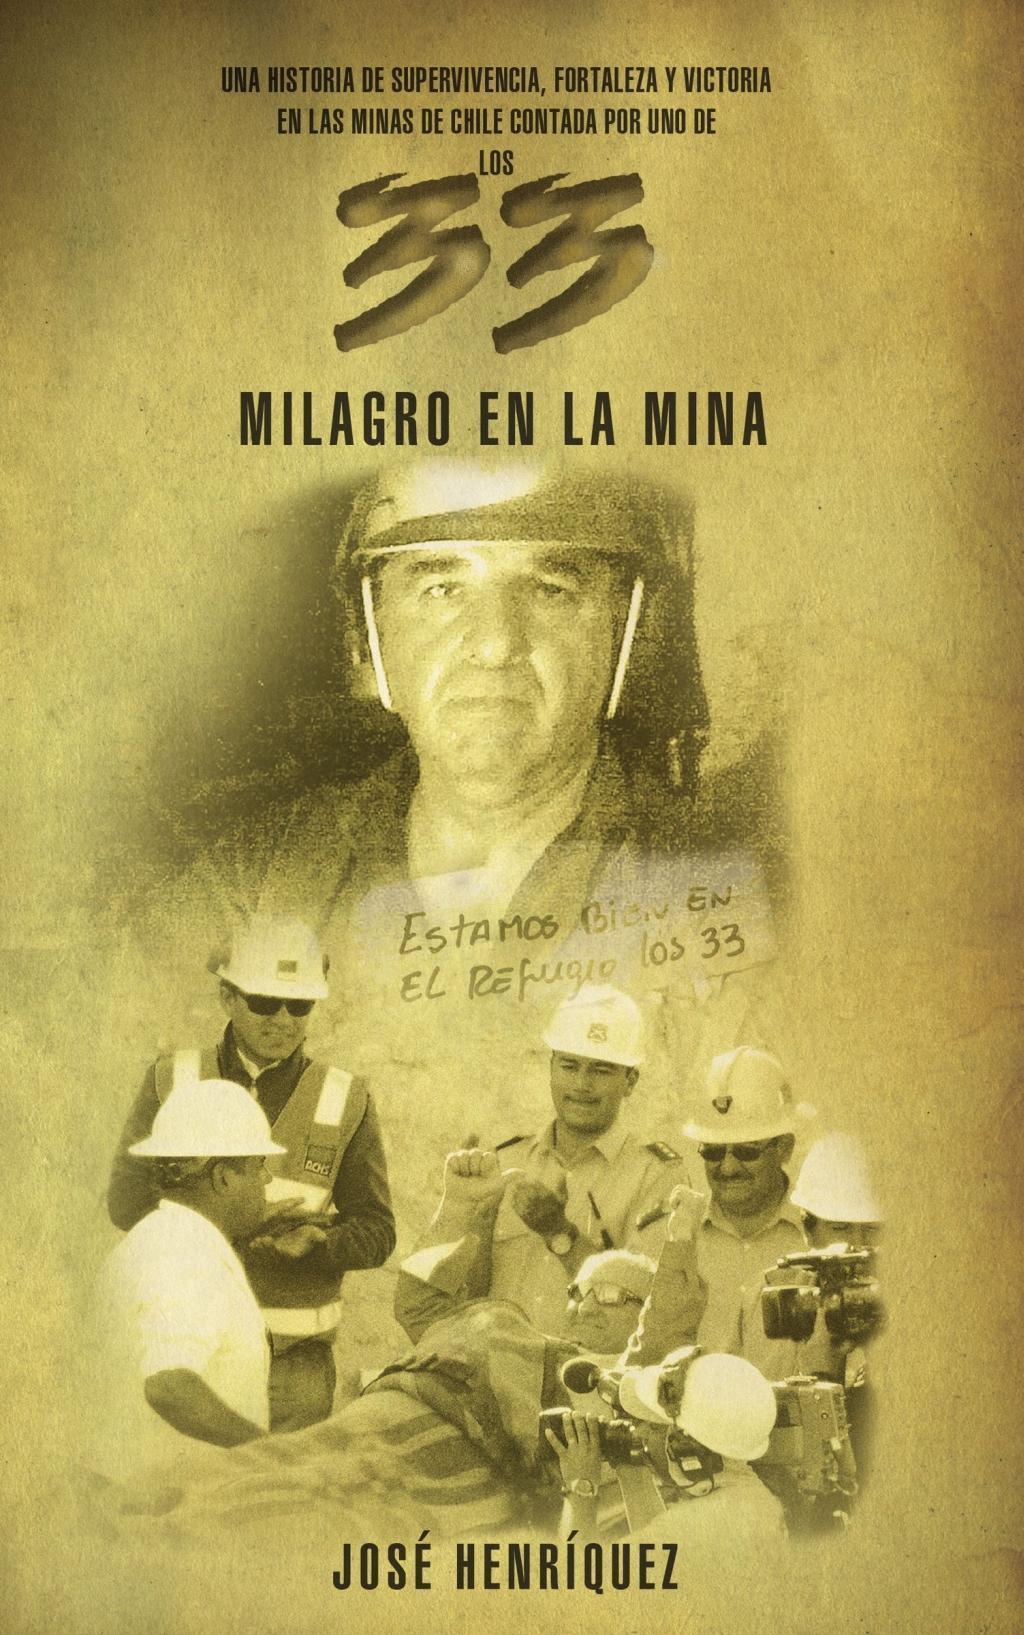 Milagro en la mina